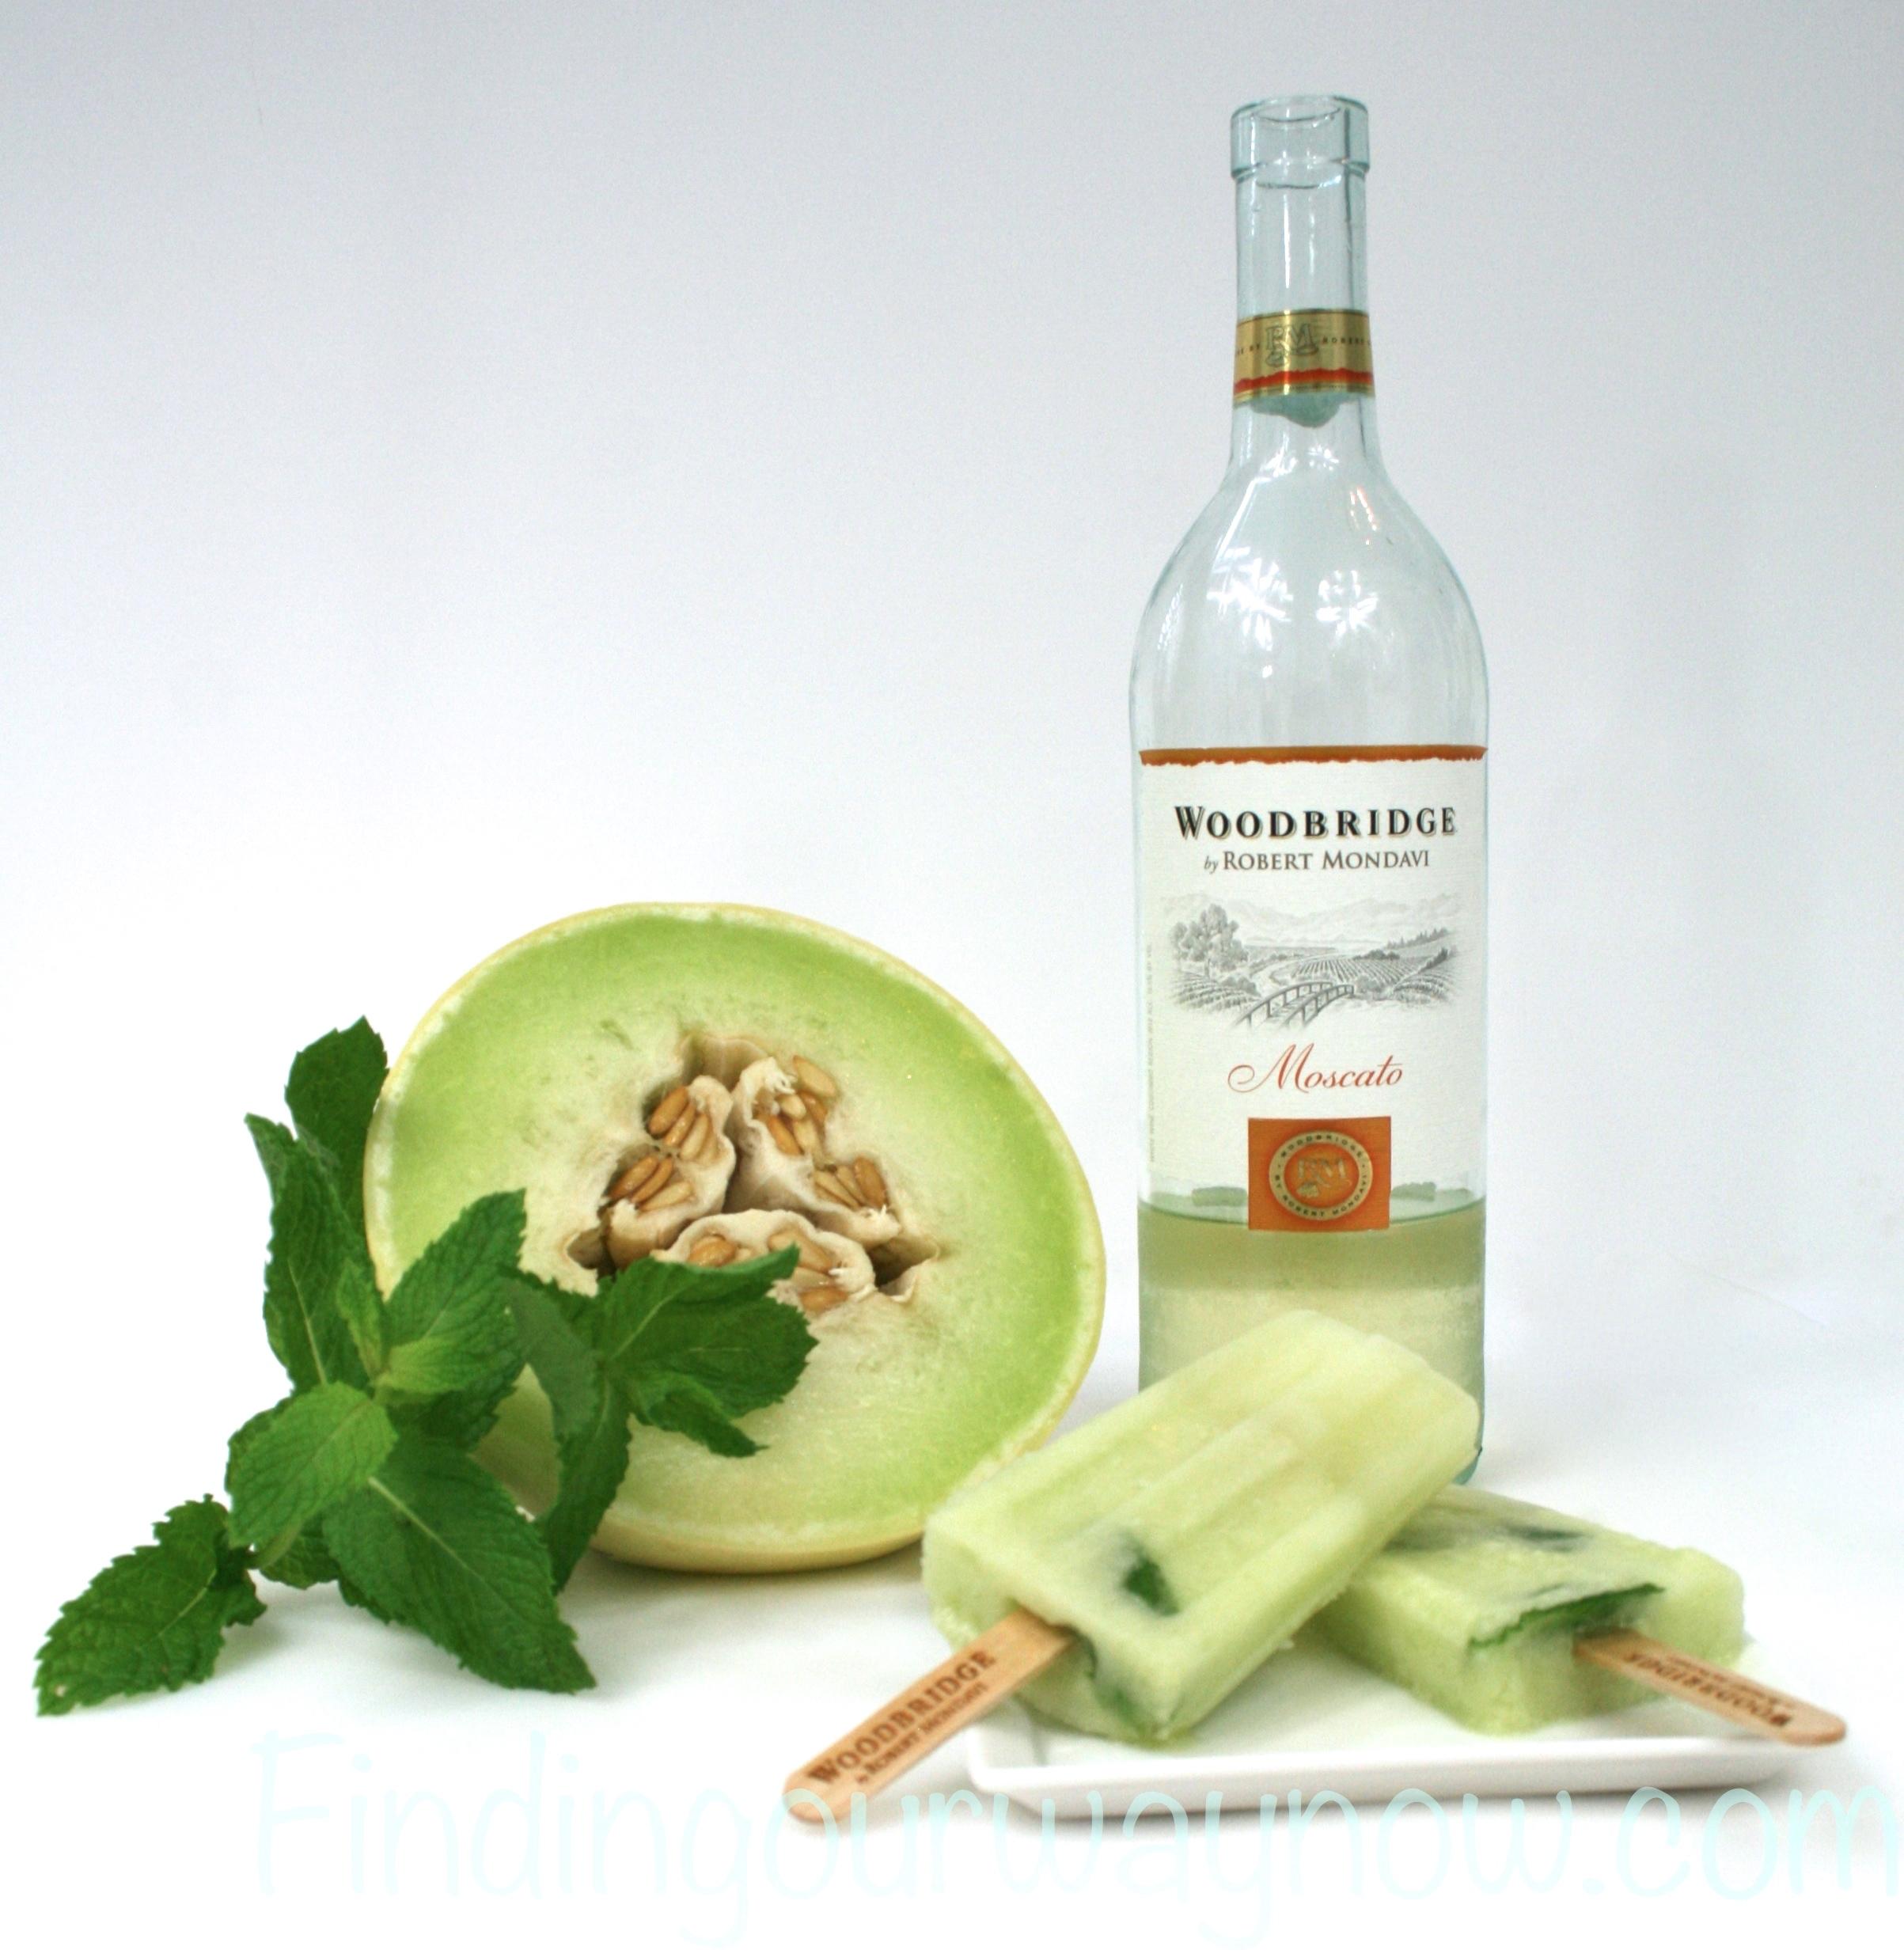 Wine-sicles, findingourwaynow.com